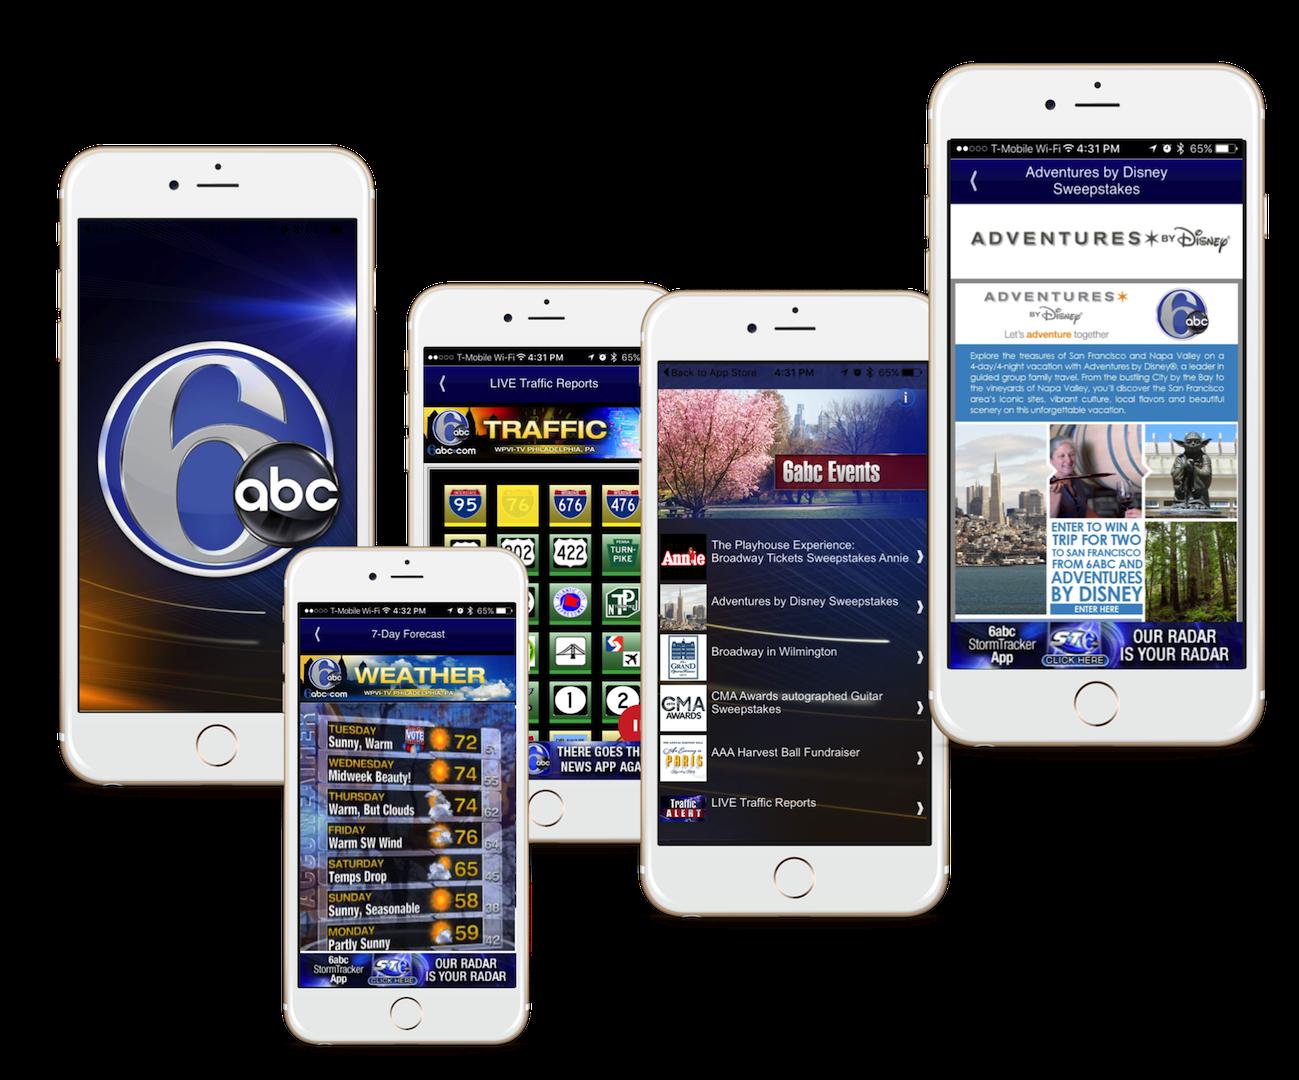 6ABC EachScape Mobile app